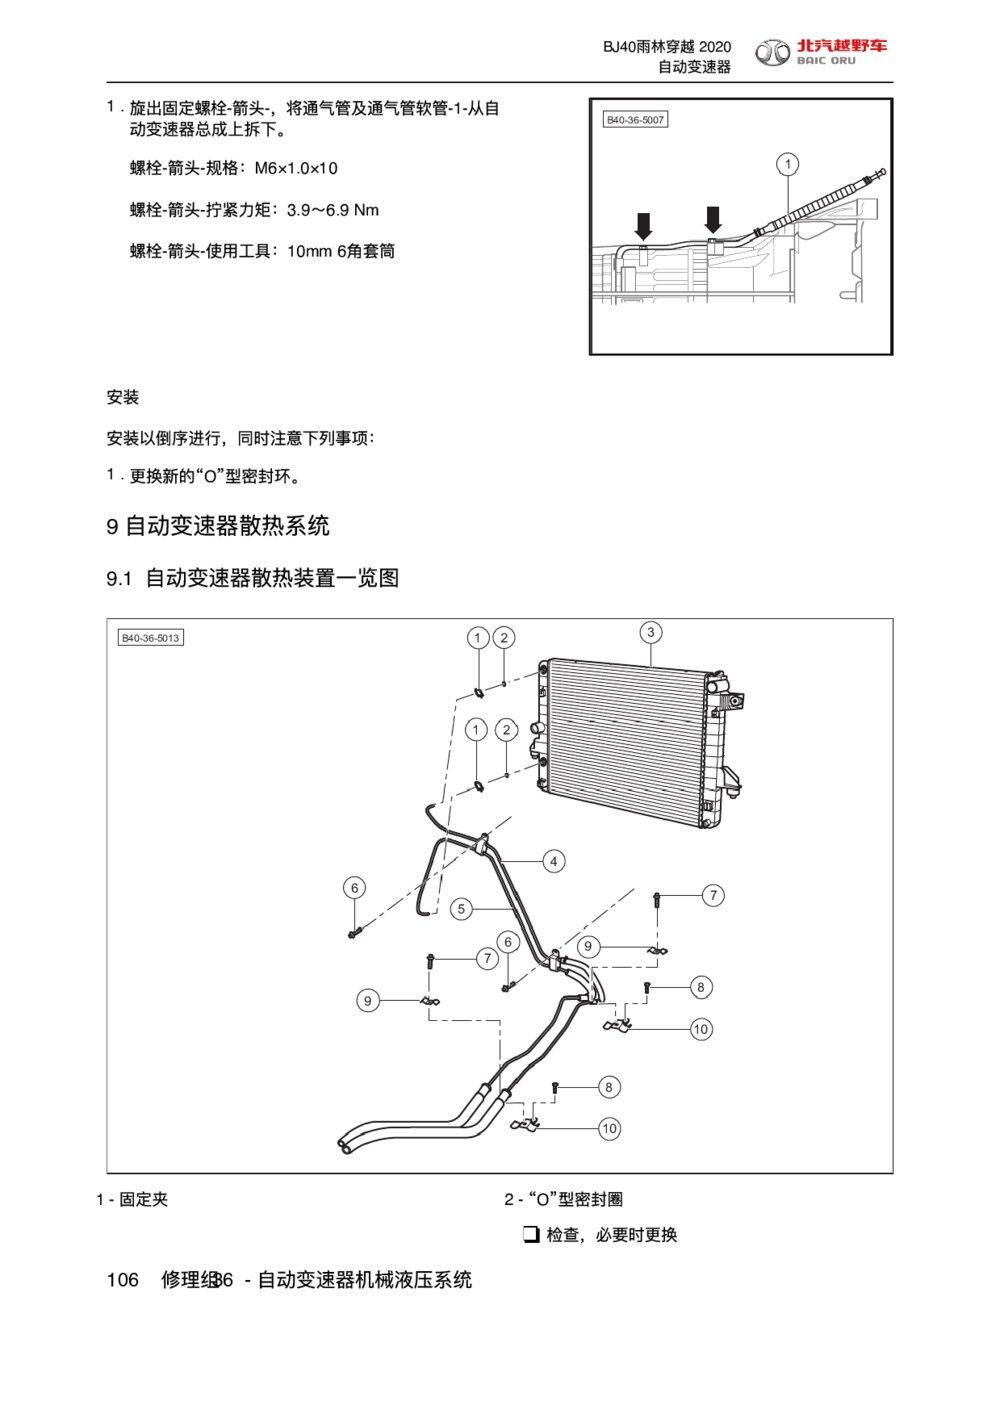 2020款北京BJ40雨林穿越版自动变速器散热系统手册